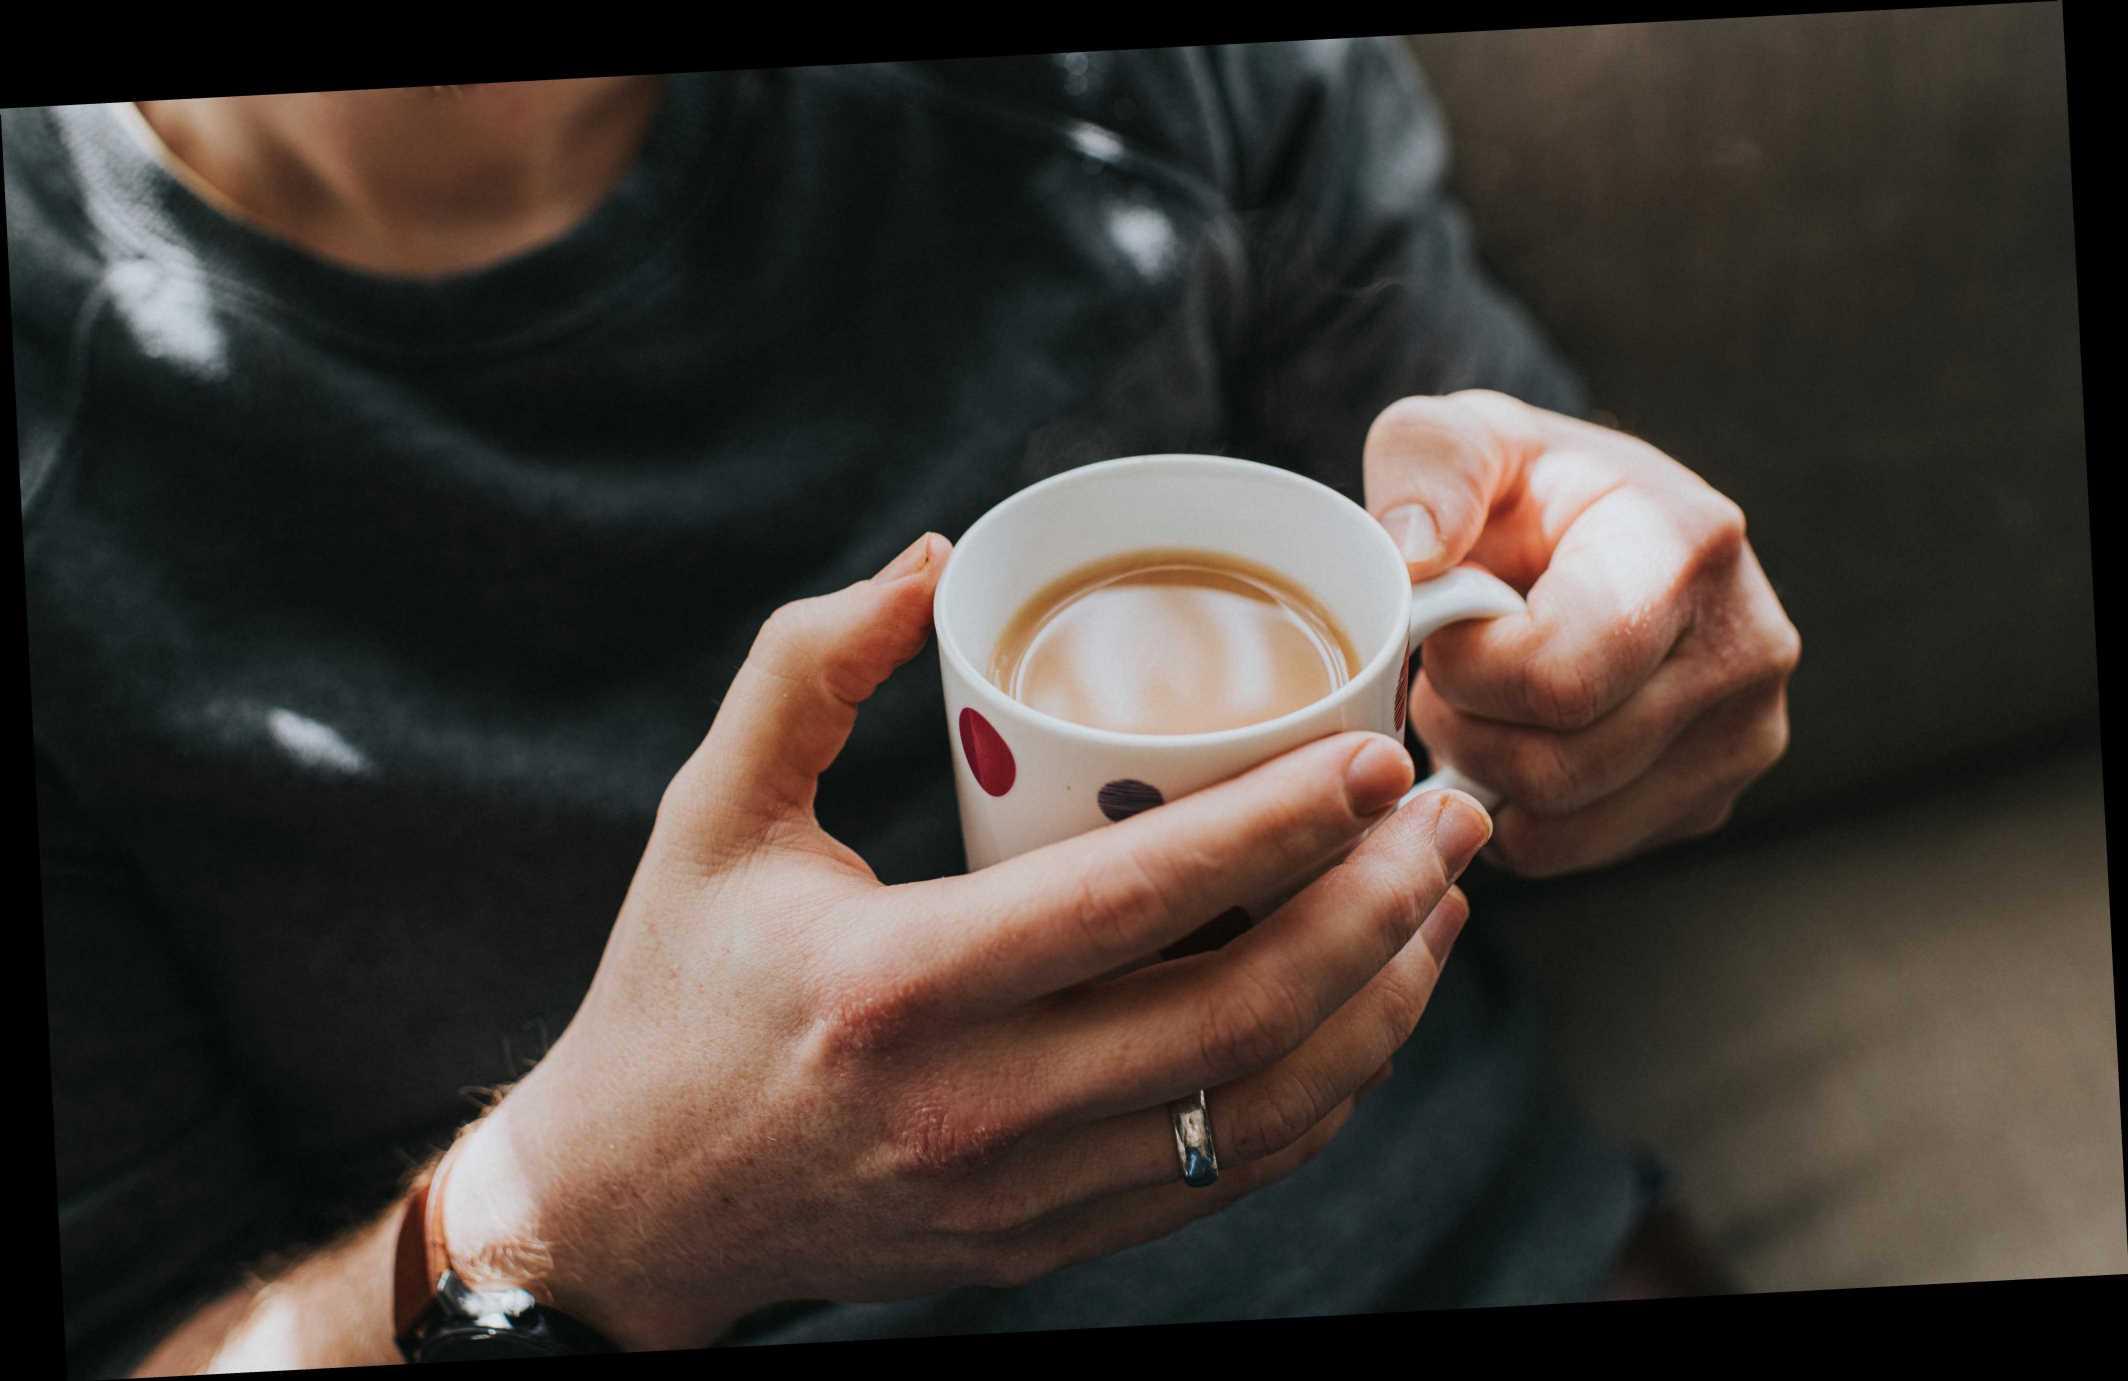 Cuppa-loving Brits get through a whopping 61billion tea bags a year